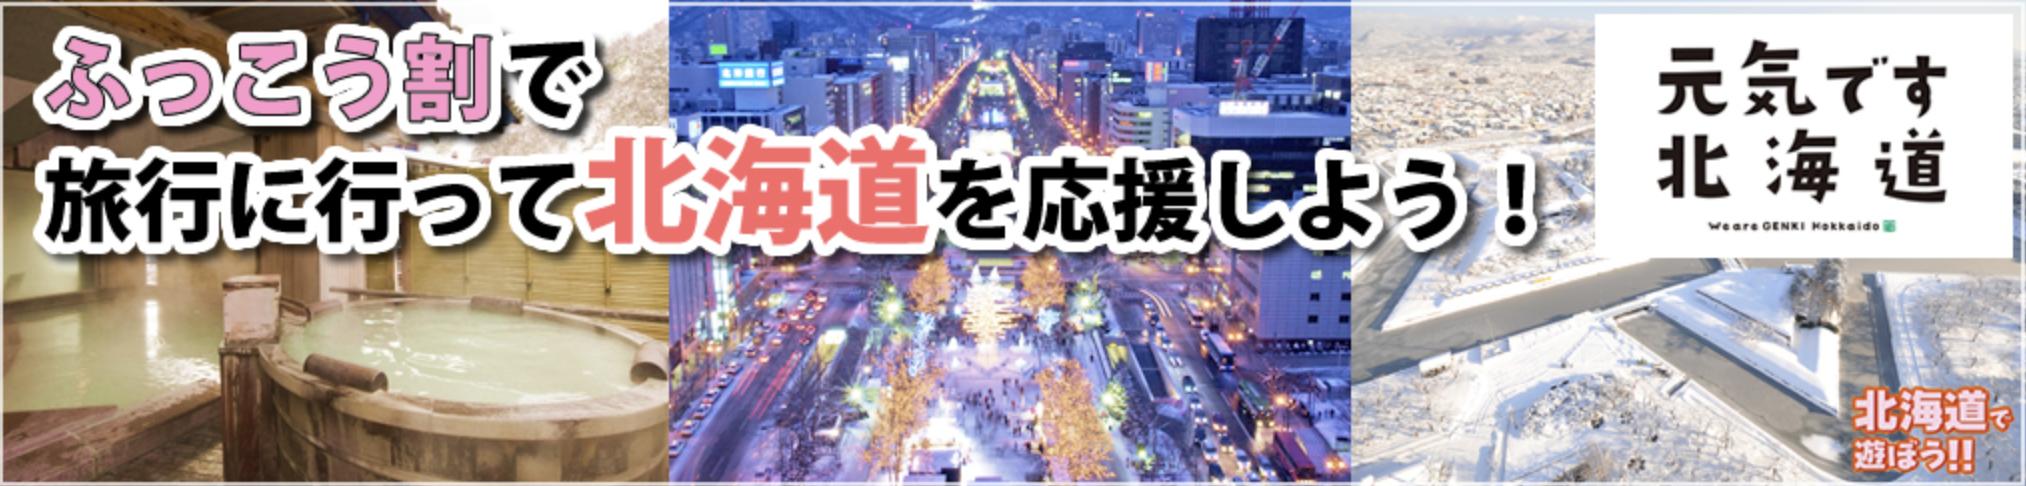 ANAスカイツアーズの北海道ふっこう割キャンペーン